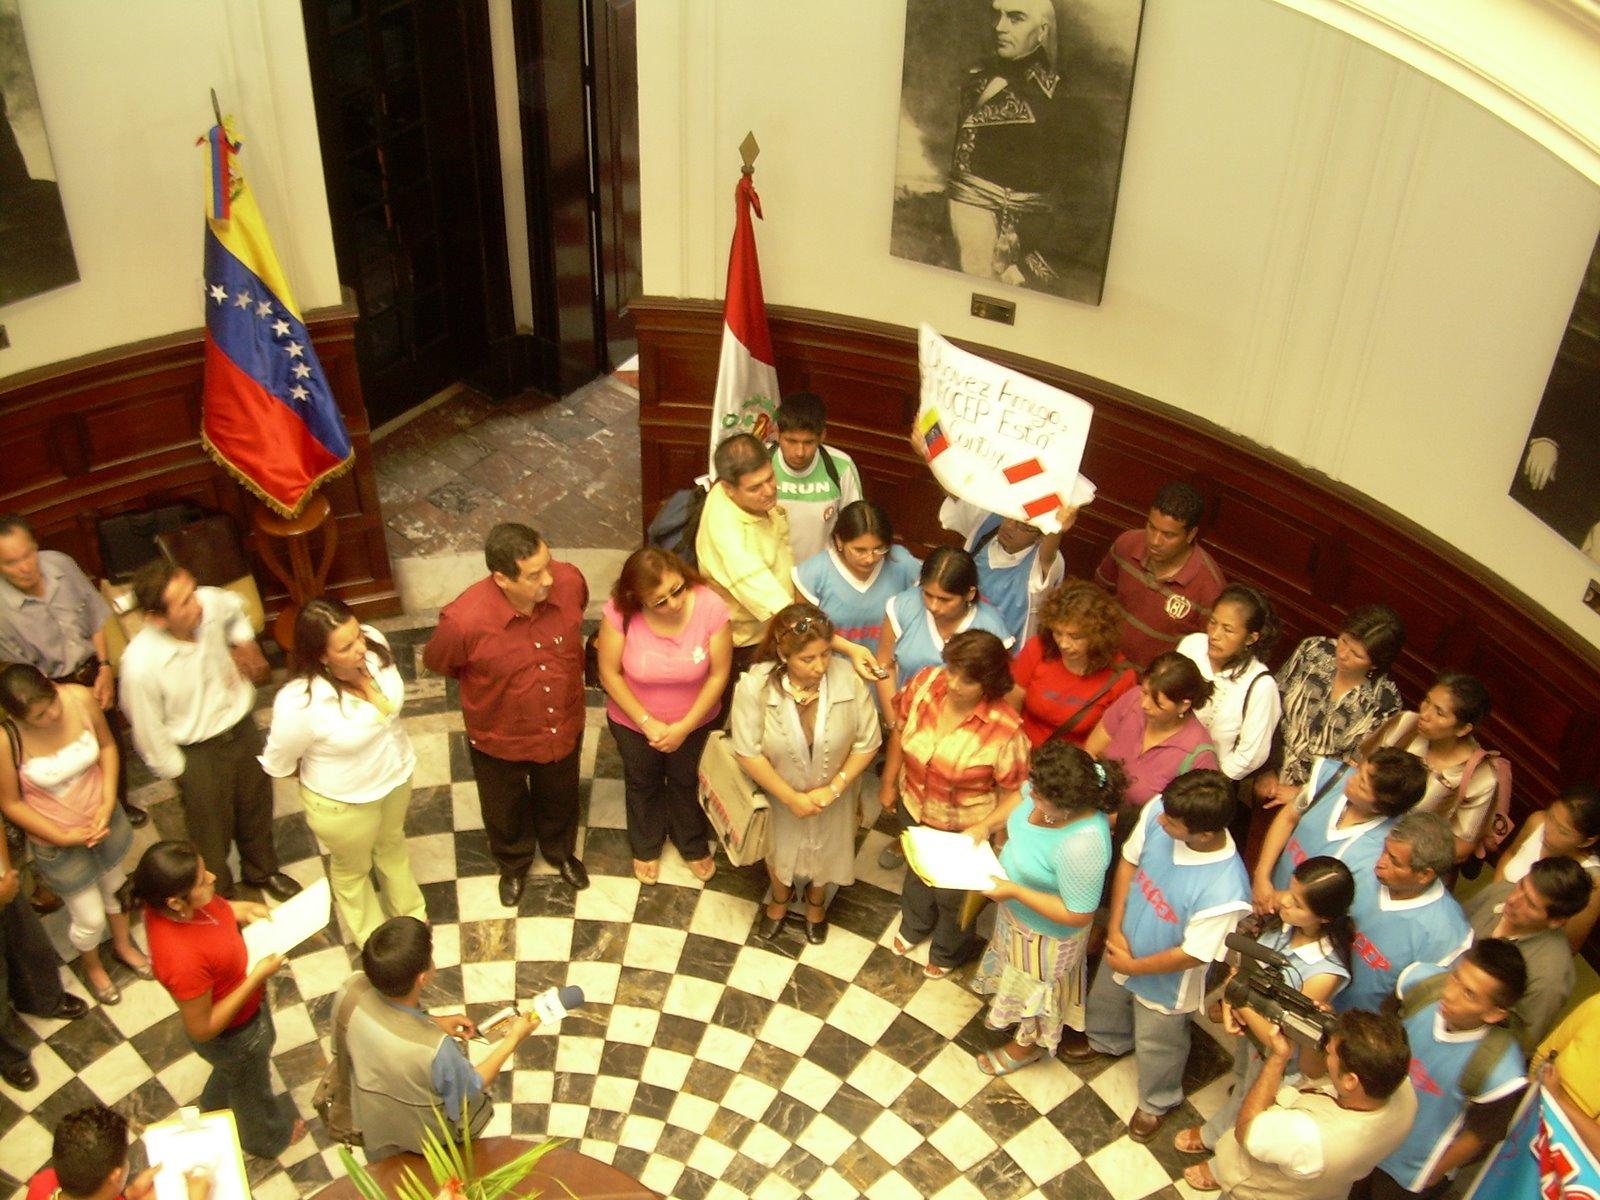 EMBAJADOR DE VENEZUELA REUNIDO CON ORGANIZACIONES SOCIALES Y POPULARES